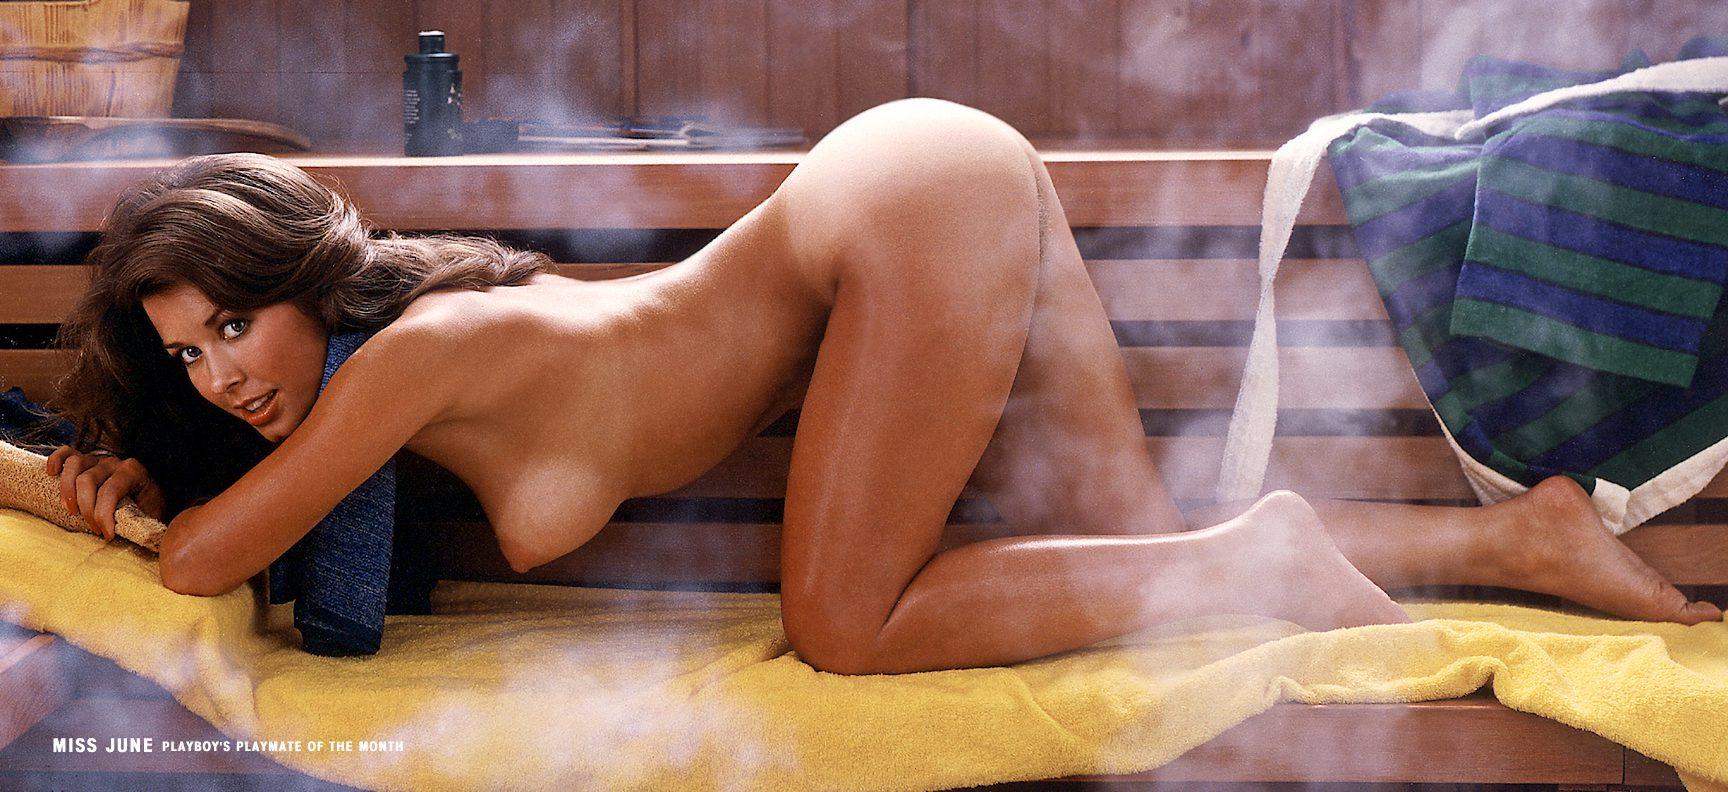 Фото из эротических журналов